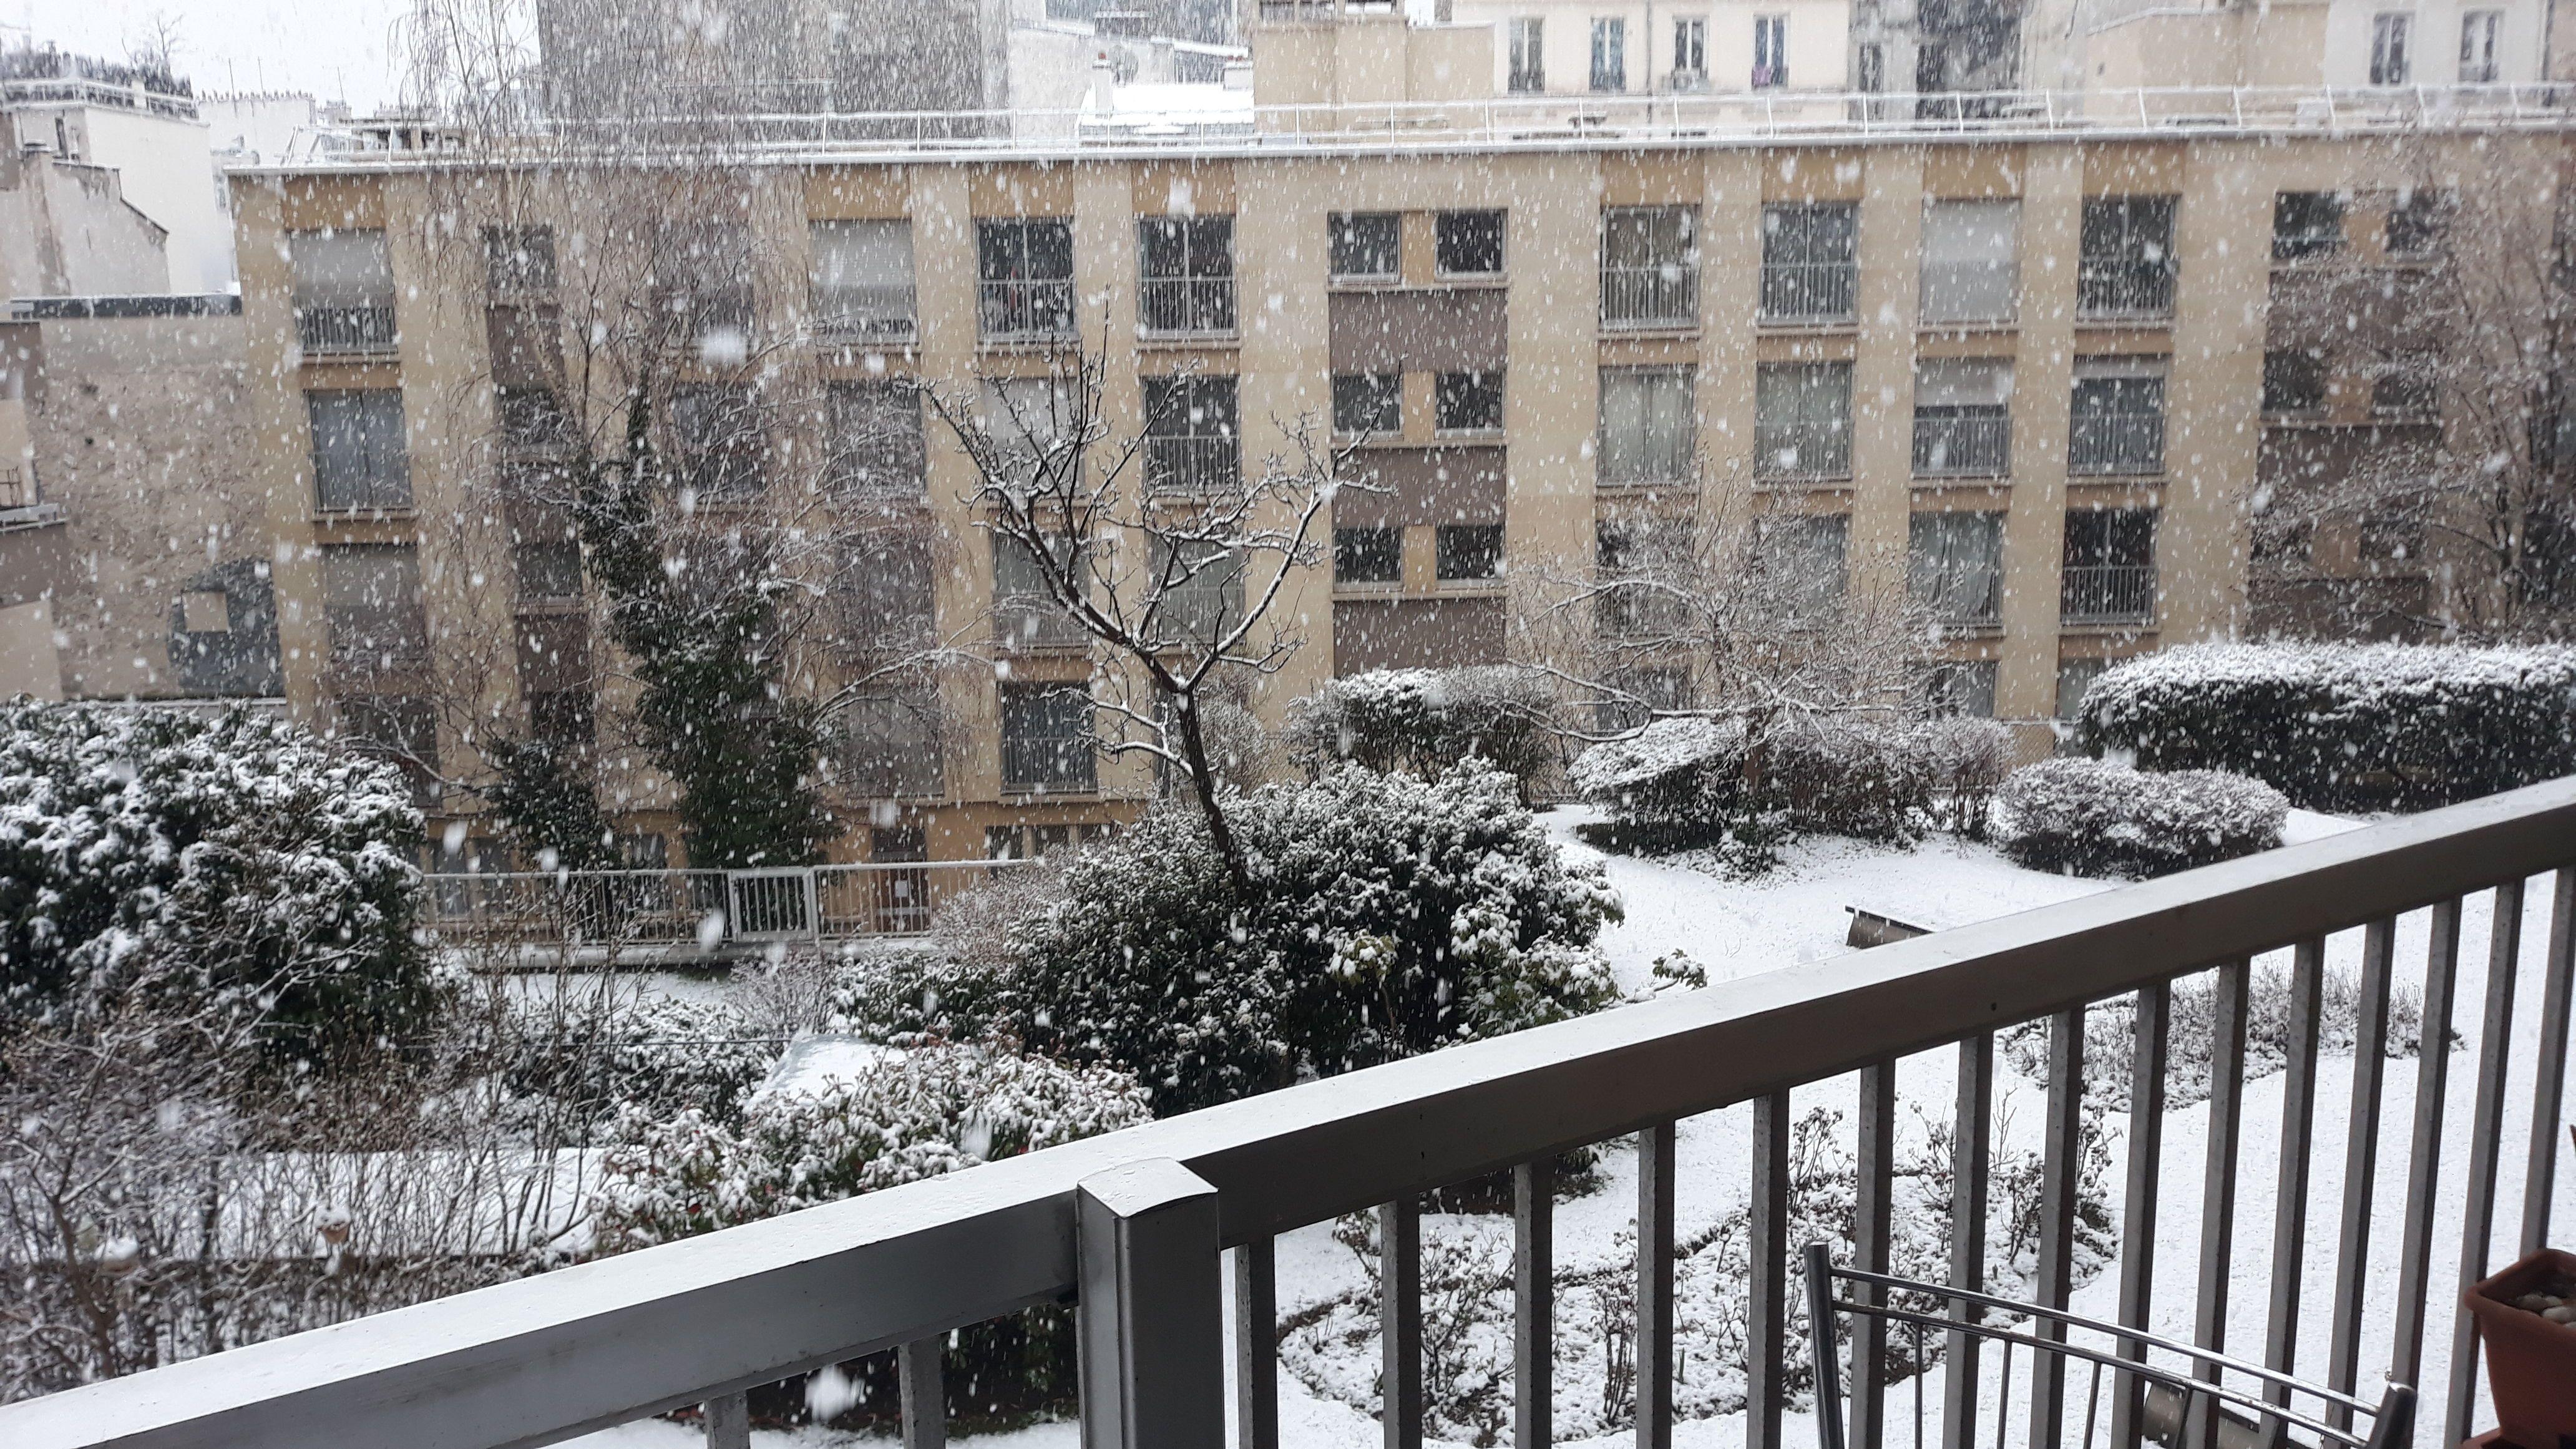 Colocation Paris 18ème arrondissement HOMOSEXUELLE & Location Chambre à louer Paris 18ème arrondissement HOMOSEXUELLE | Loue chambre meublée Paris 18ème arrondissement HOMOSEXUELLE | Logement Paris 18ème arrondissement HOMOSEXUELLE